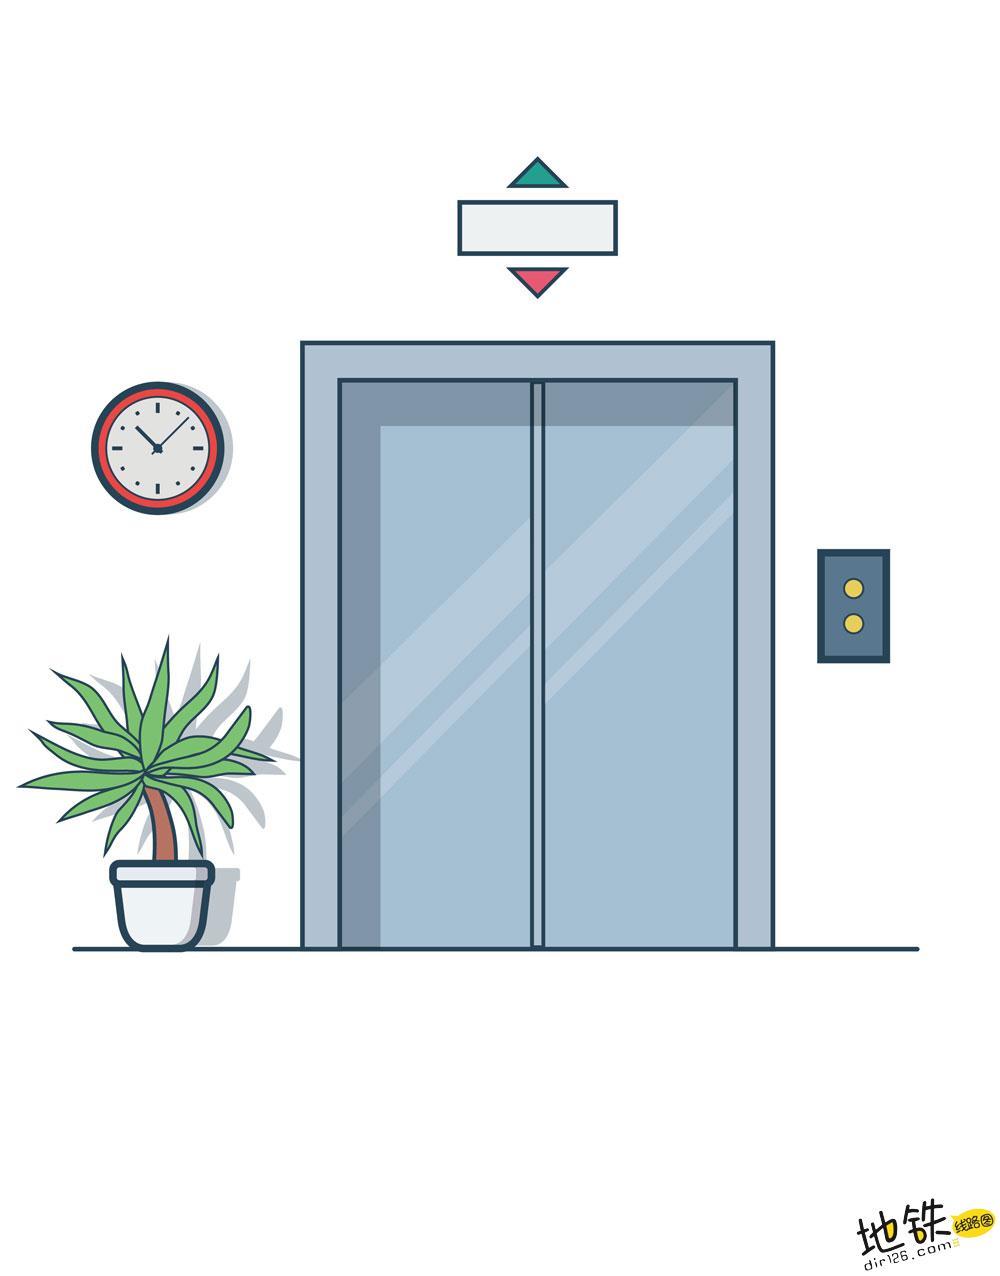 地铁车门和电梯桥厢门在运作上有何不同? 列车 桥厢门 屏蔽门 电梯 地铁 轨道知识  第1张